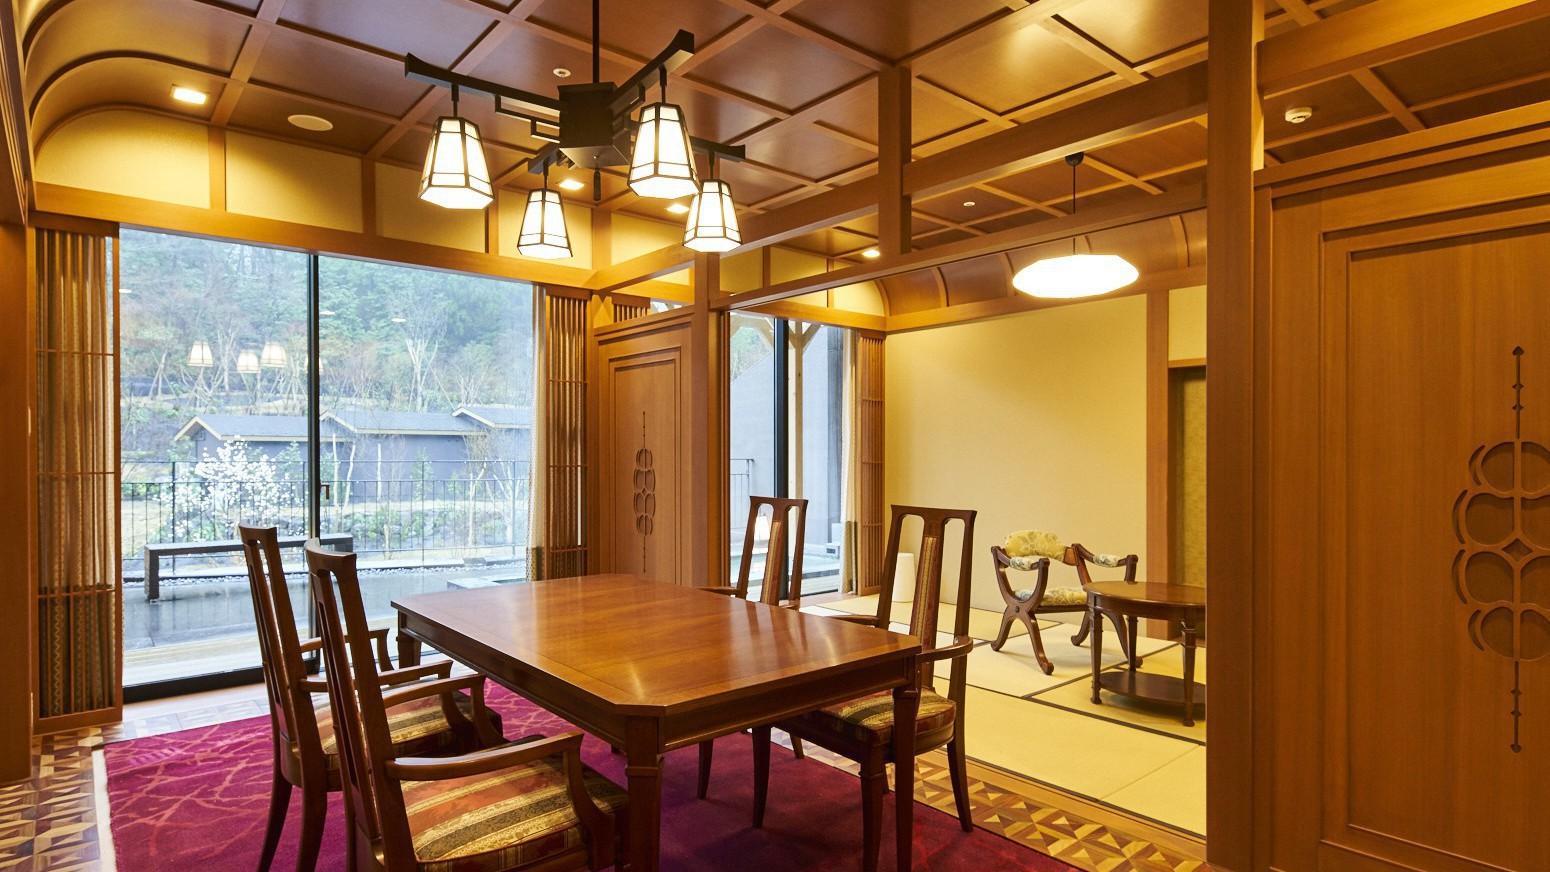 露天風呂付特別室「箱根遊山」宮ノ下 明治時代の西洋文化をイメージ